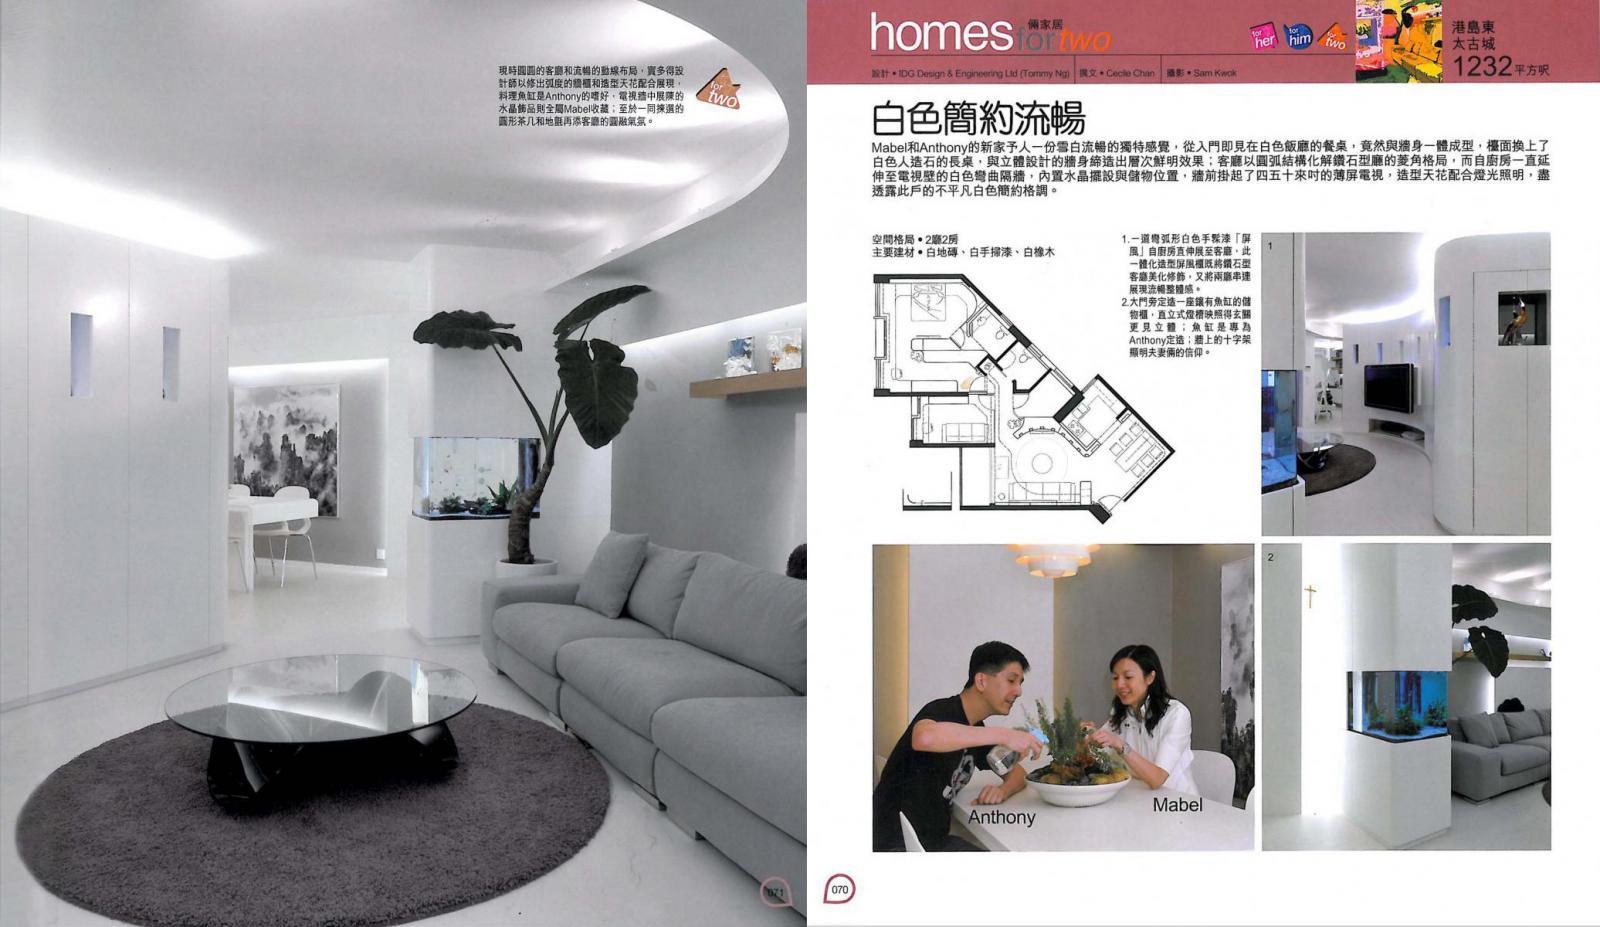 二人館  專訪  IDG   室內設計作品